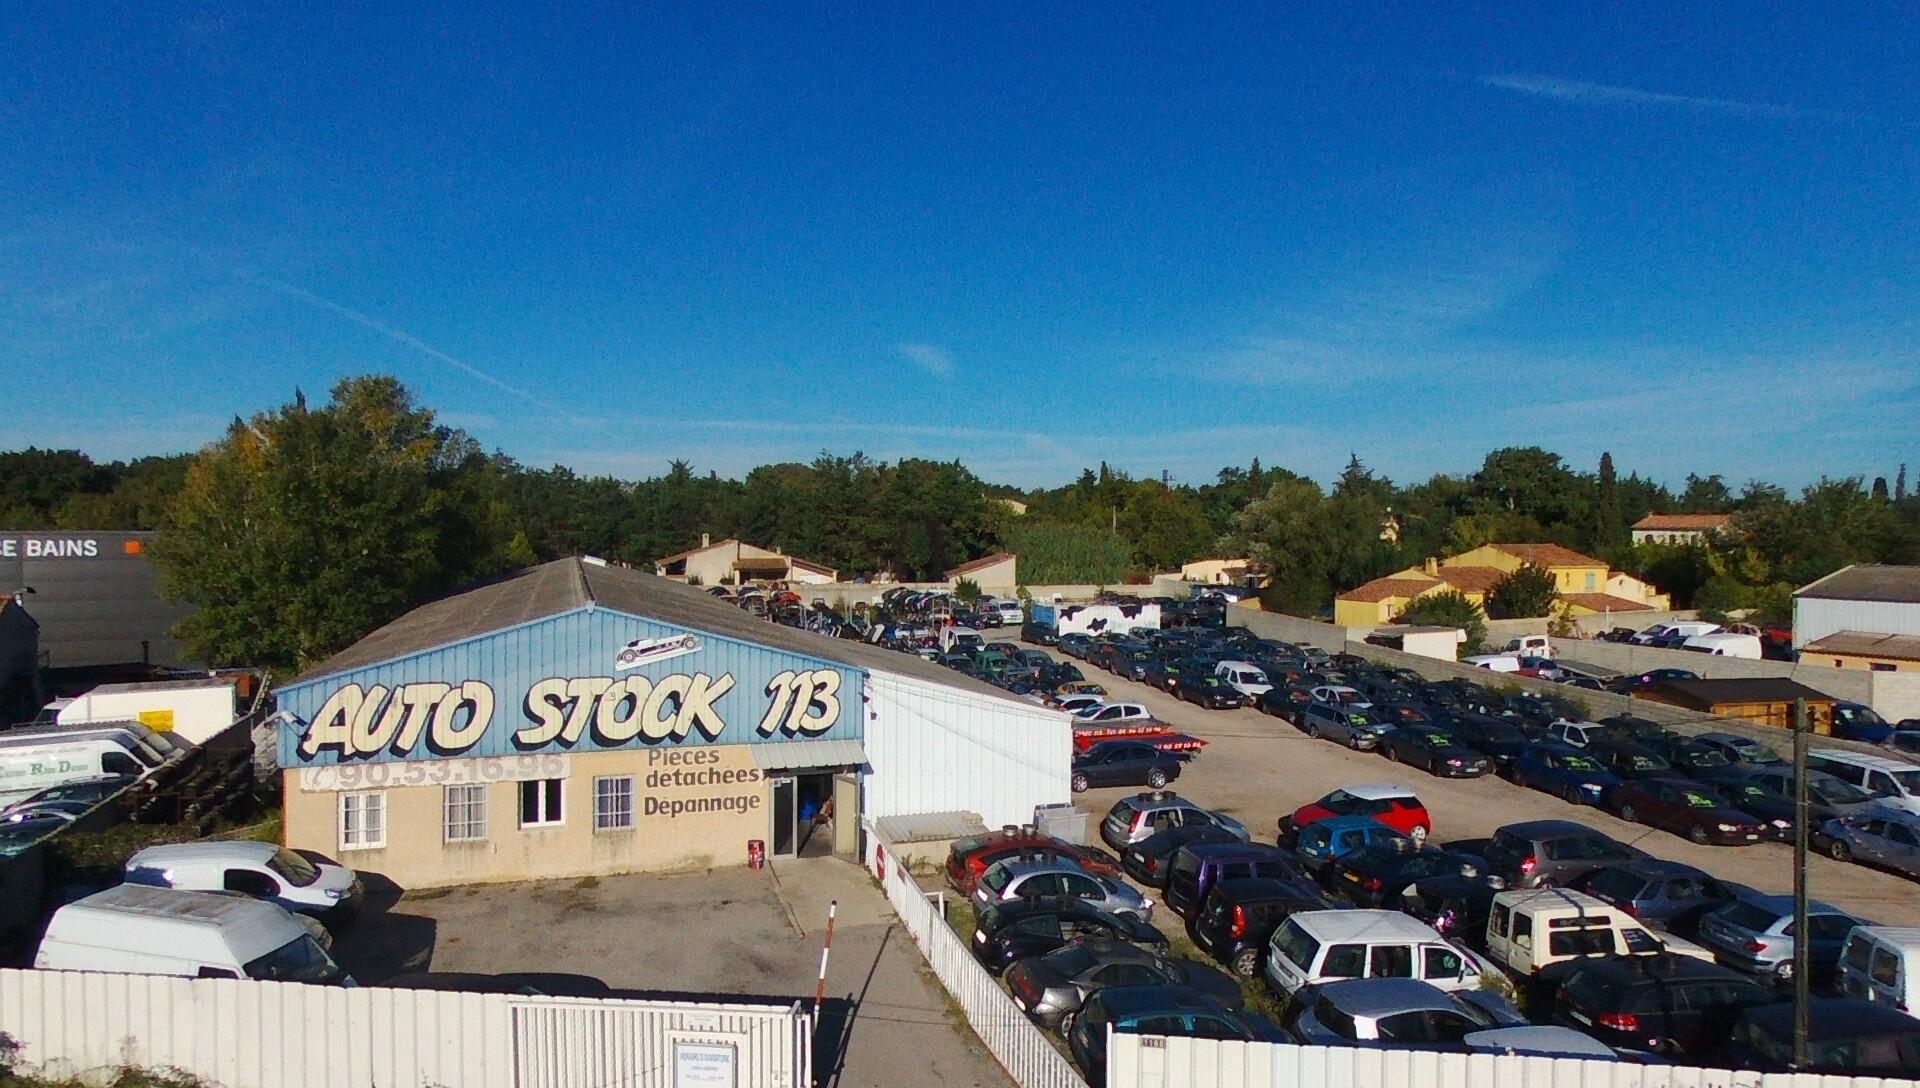 Auto stock 114